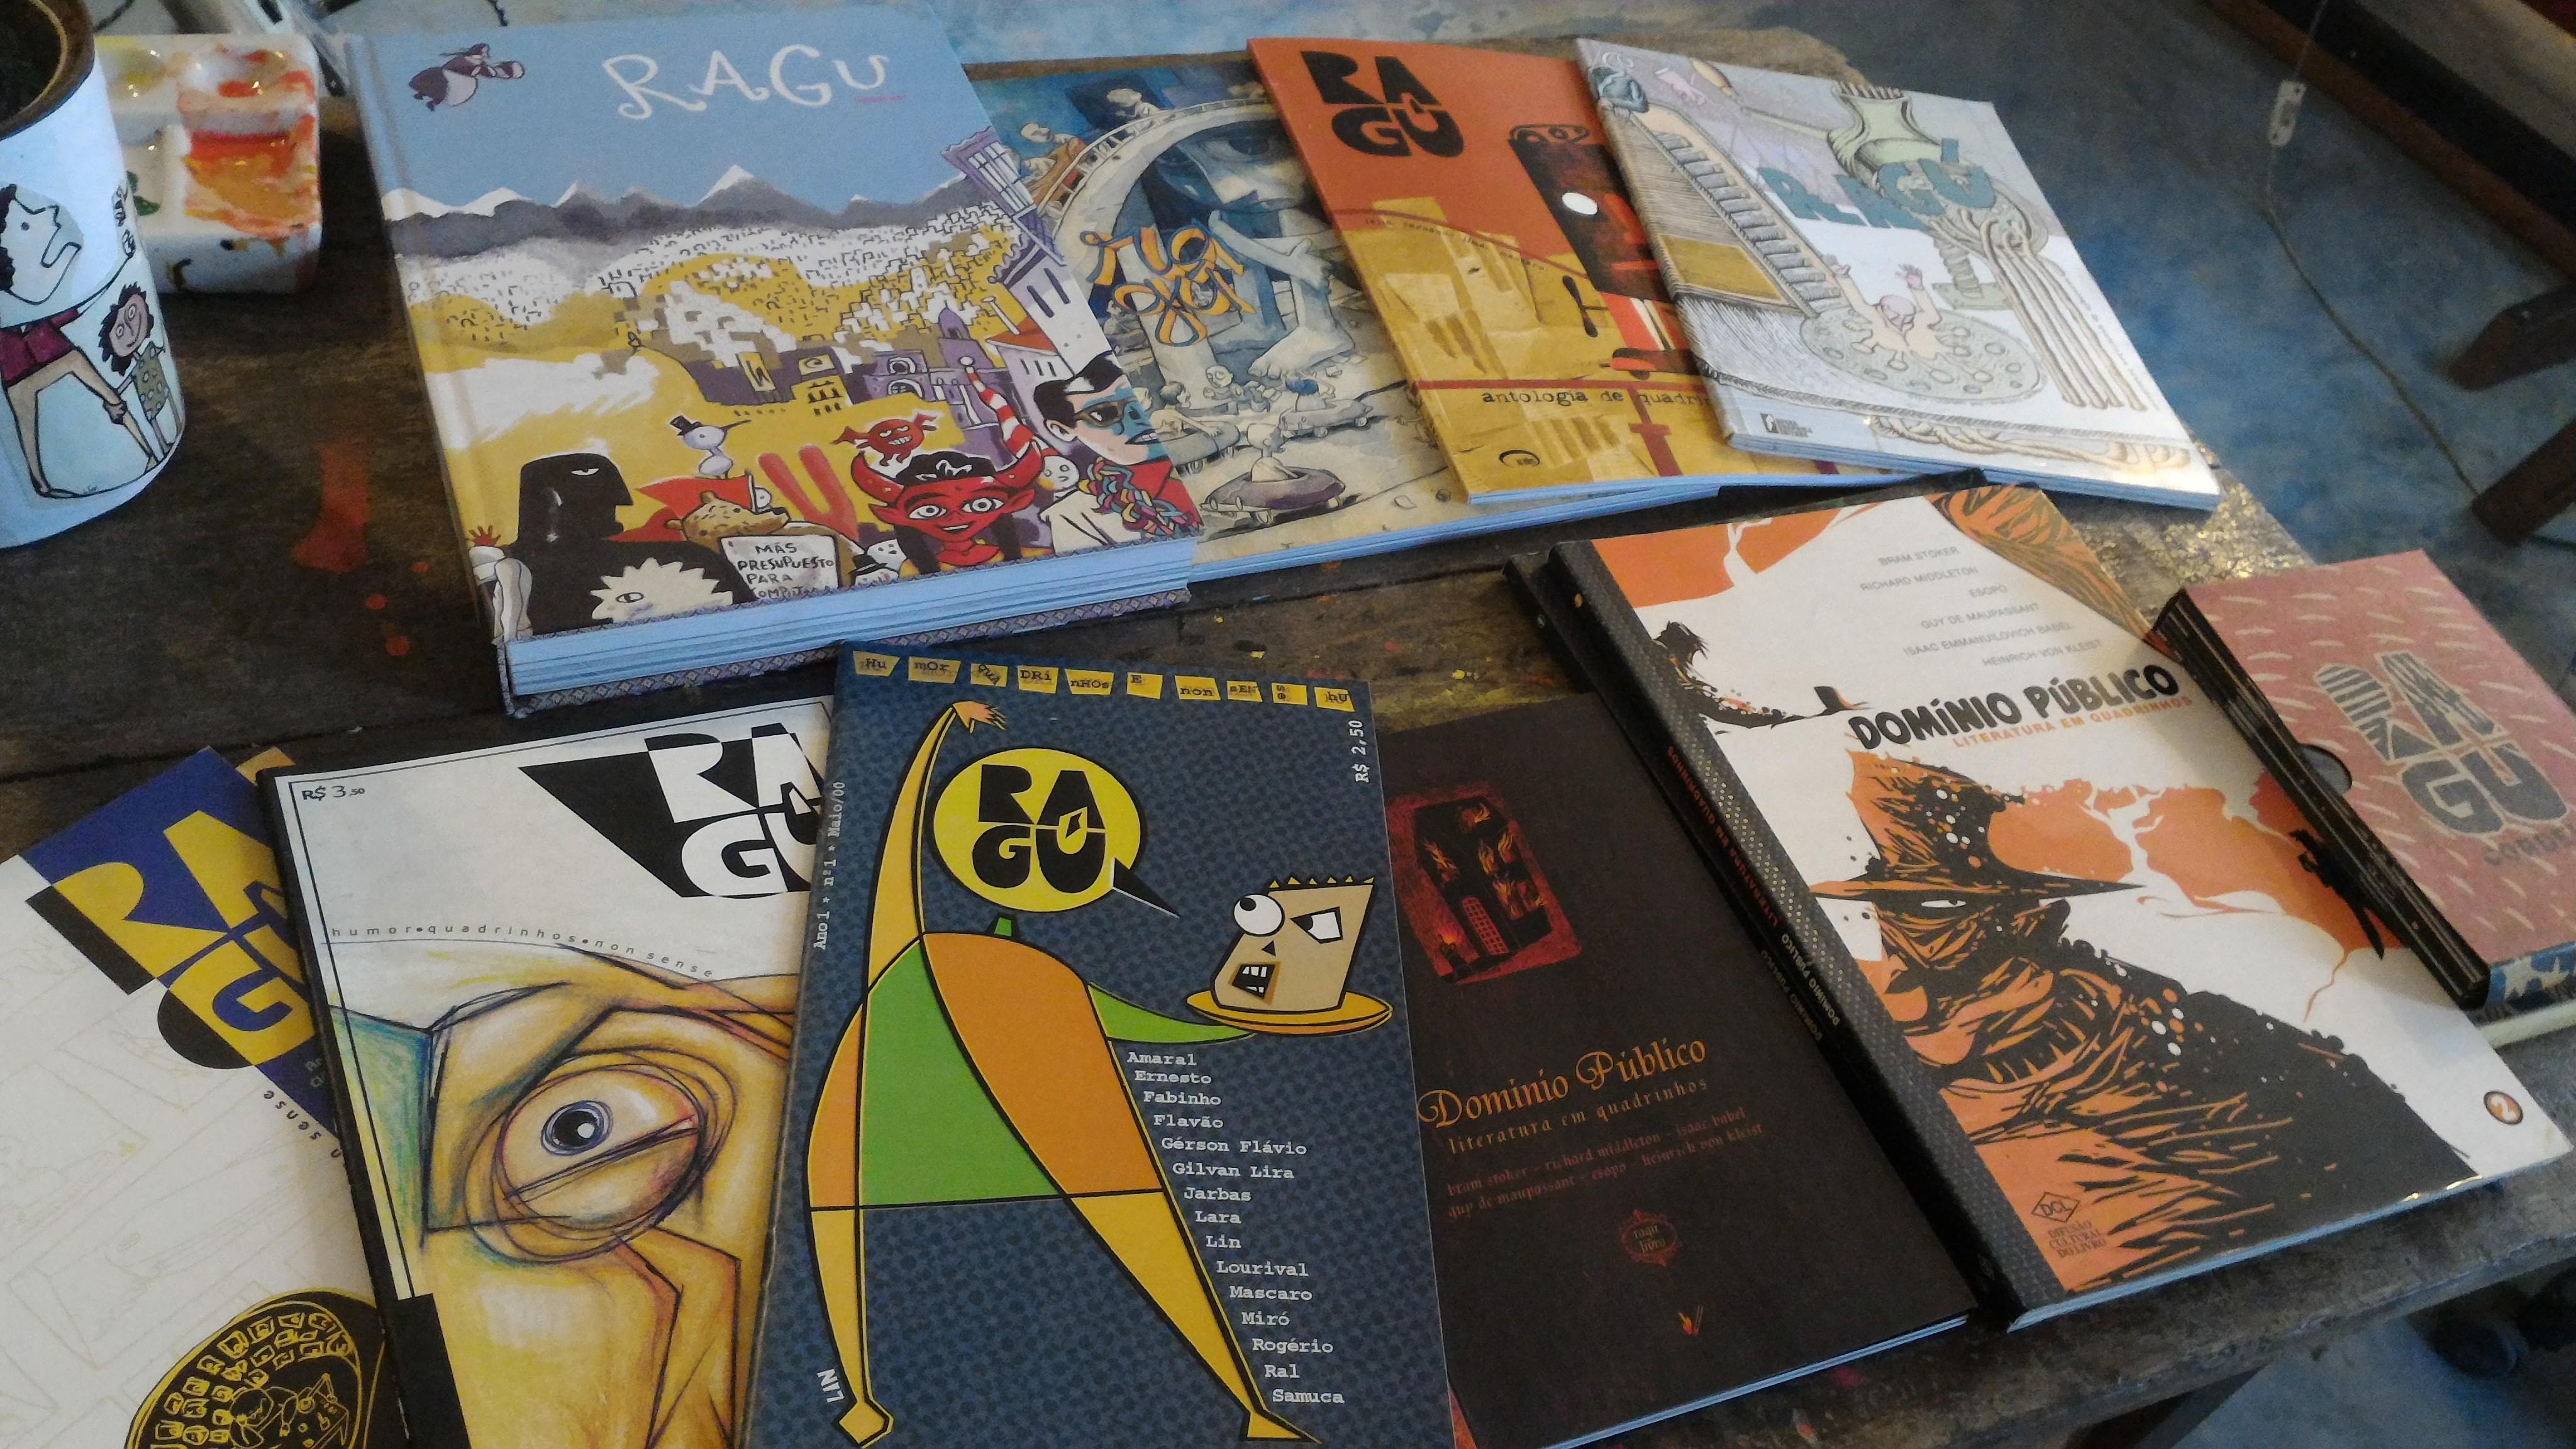 Ragu - Revista de quadrinhos autorais de Recife, publicada desde 2000, com a participação de vários autores de estilos diferentes. As sete edições são vendidas online e em livrarias.